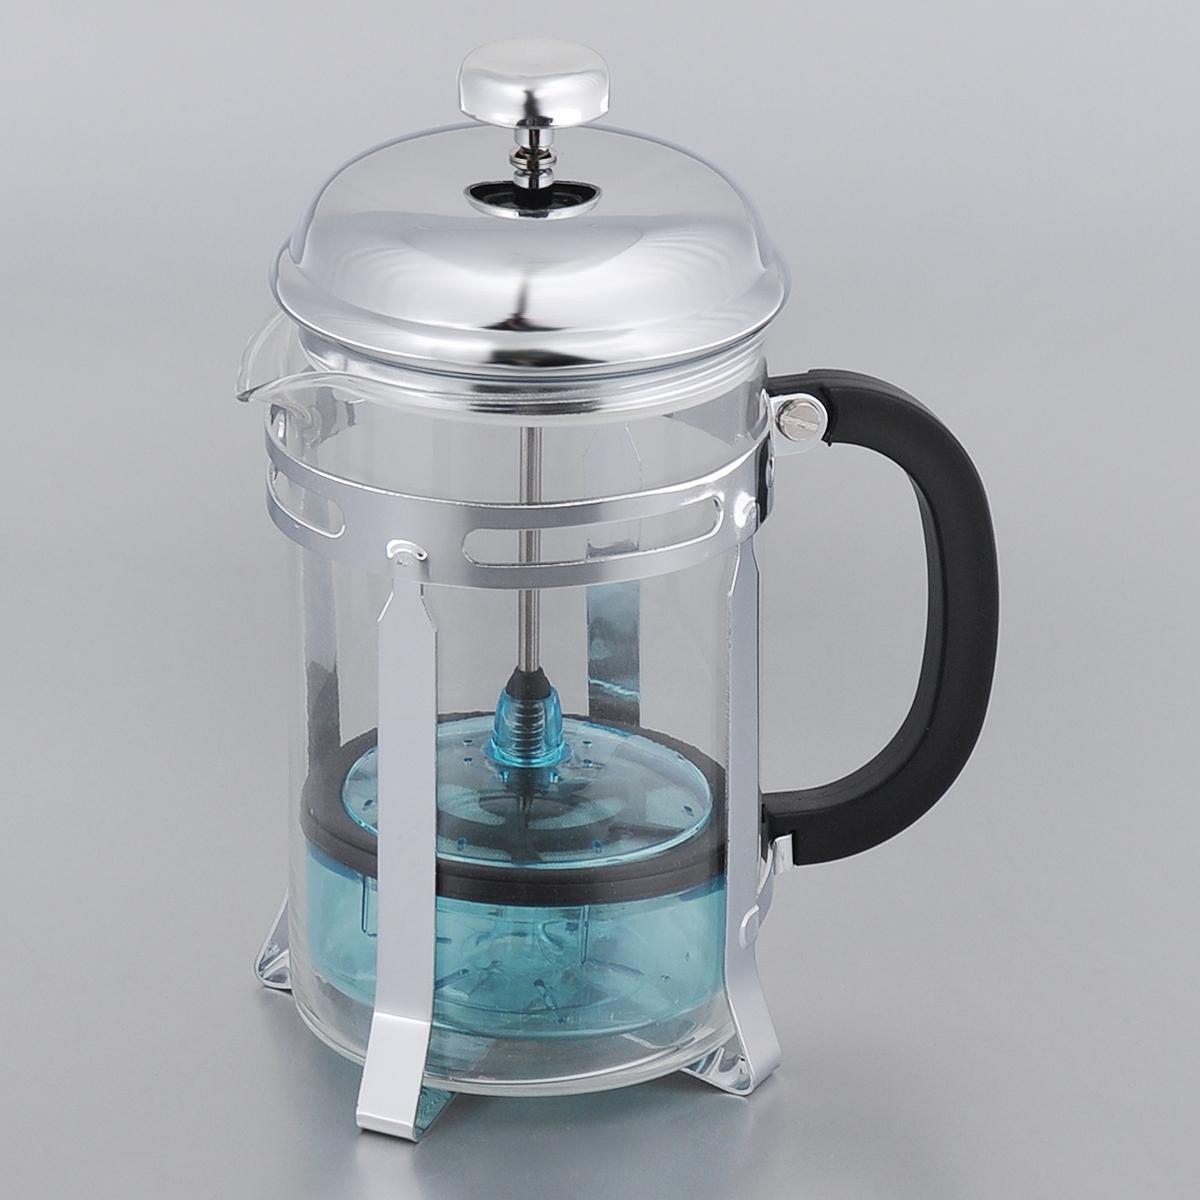 Френч-пресс Bekker, 850 мл. BK-355BK-355Френч-пресс Bekker представляет собой колбу из жаропрочного стекла в оправе из нержавеющей стали. Френч-пресс позволяет легко и просто приготовить отличный напиток. Крышка выполнена из нержавеющей стали. Благодаря такому френч-прессу приготовление вкуснейшего ароматного и крепкого кофе займет всего пару минут. Настоящим ценителям натурального кофе широко известны основные и наиболее часто применяемые способы его приготовления: эспрессо, по-турецки, гейзерный. Однако существует принципиально иной способ, известный как french press, благодаря которому приготовление ароматного напитка стало гораздо проще. Весь процесс приготовления кофе займет не более 7 минут. Можно мыть в посудомоечной машине.